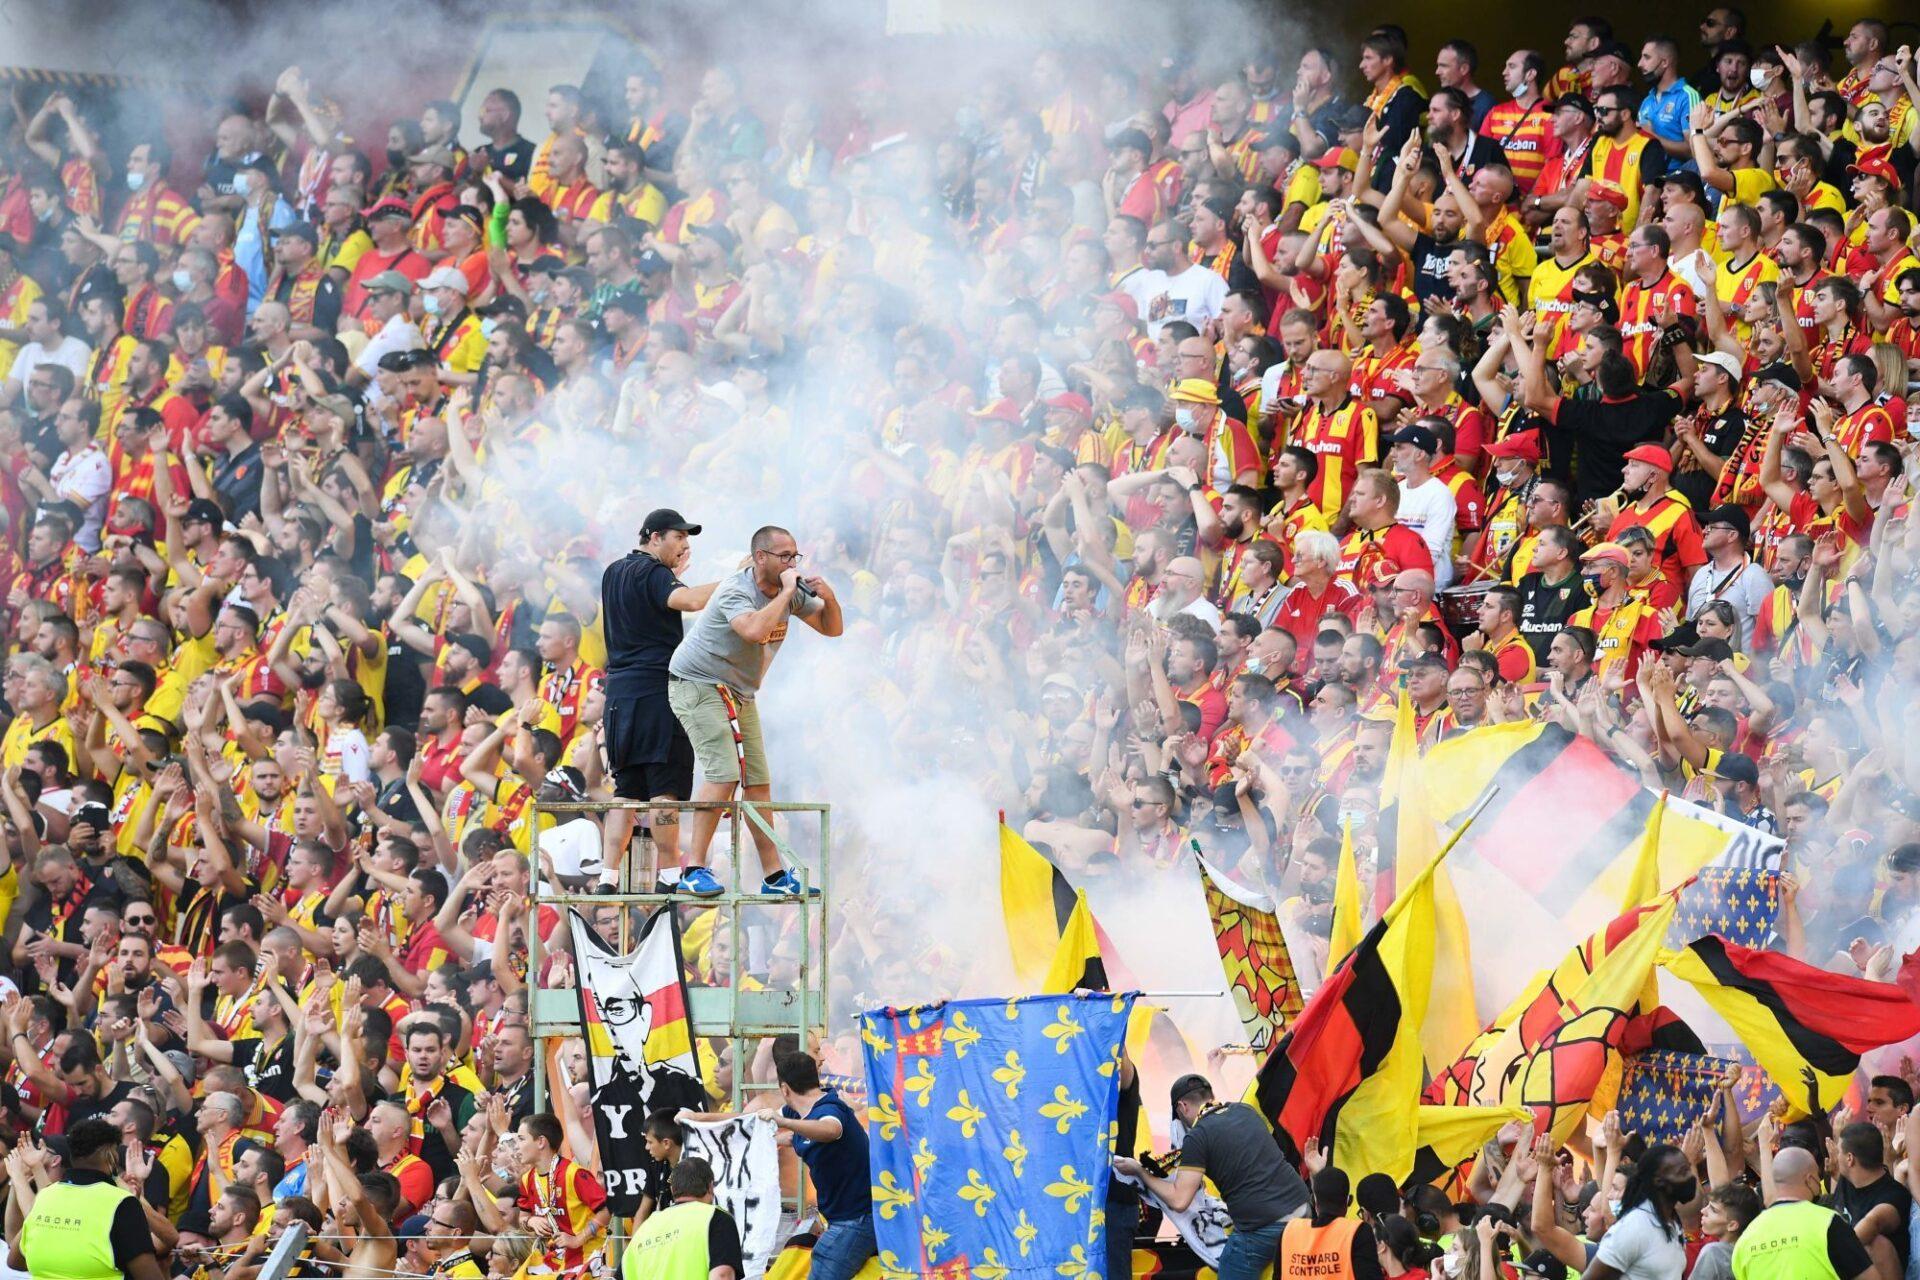 Le chaud public du stade Bollaert-Delelis transcende les joueurs de Lens. Icon Sport